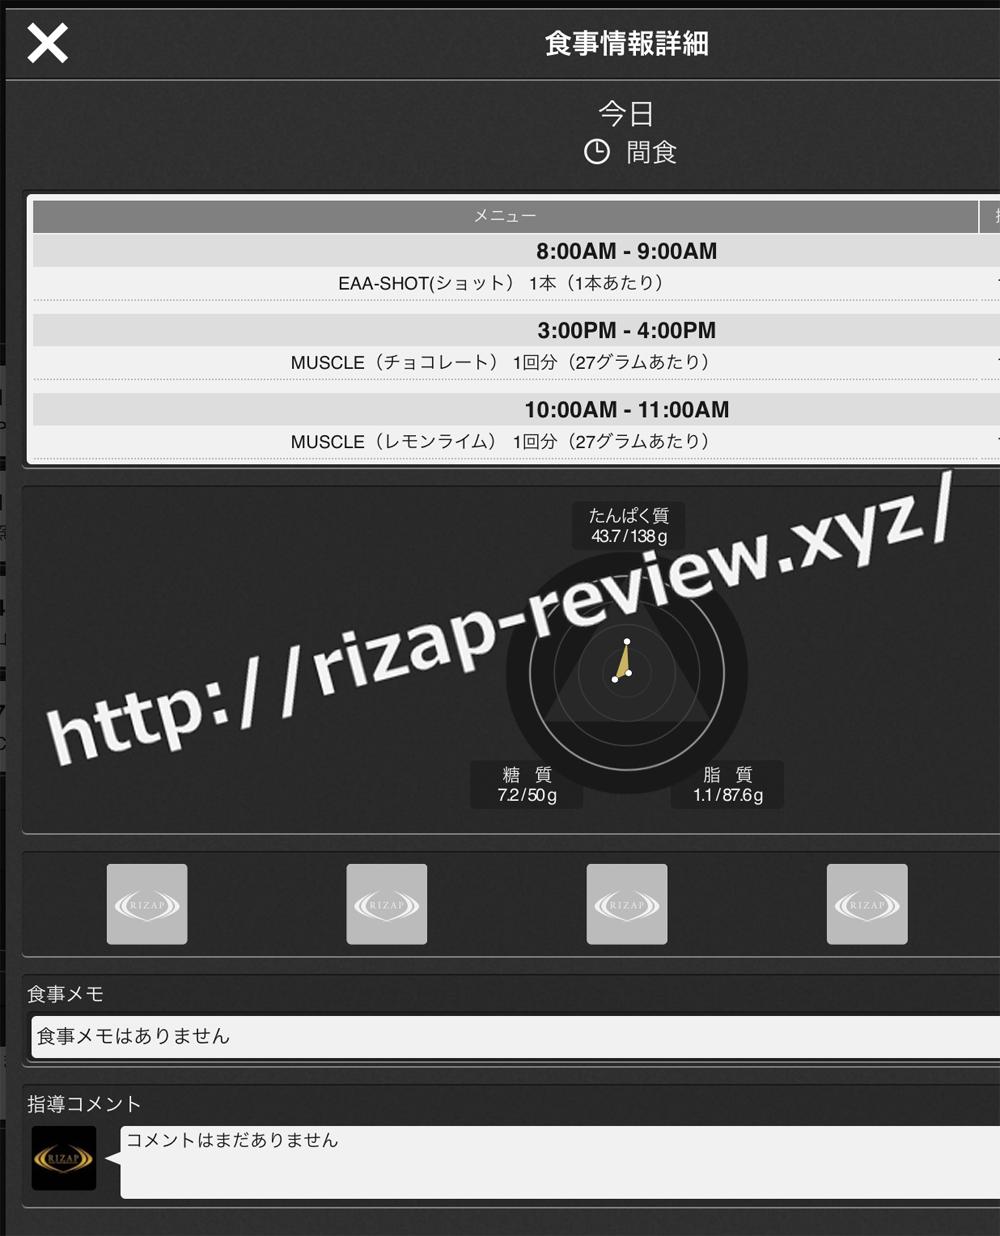 2018.9.26(水)ライザップ流の間食